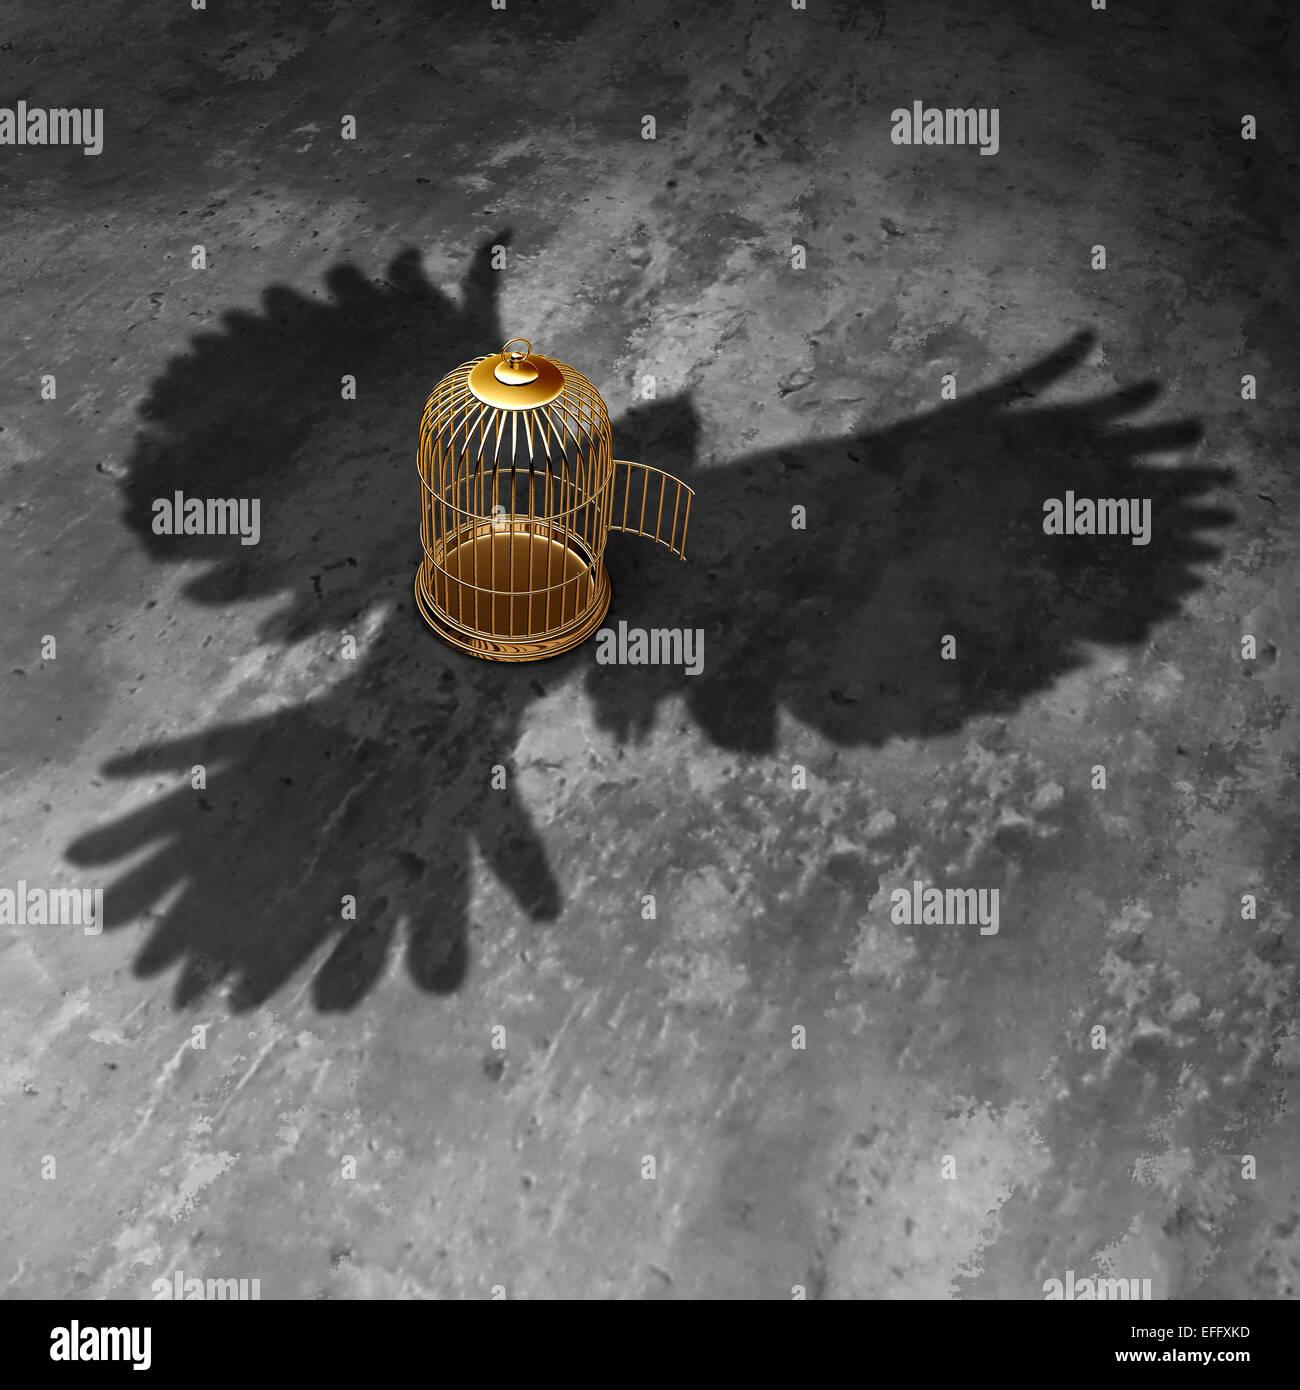 Käfig Freiheit Konzept als eine offene Vogelkäfig mit einem Riesenvogel werfen Schatten fliegen über Stockbild